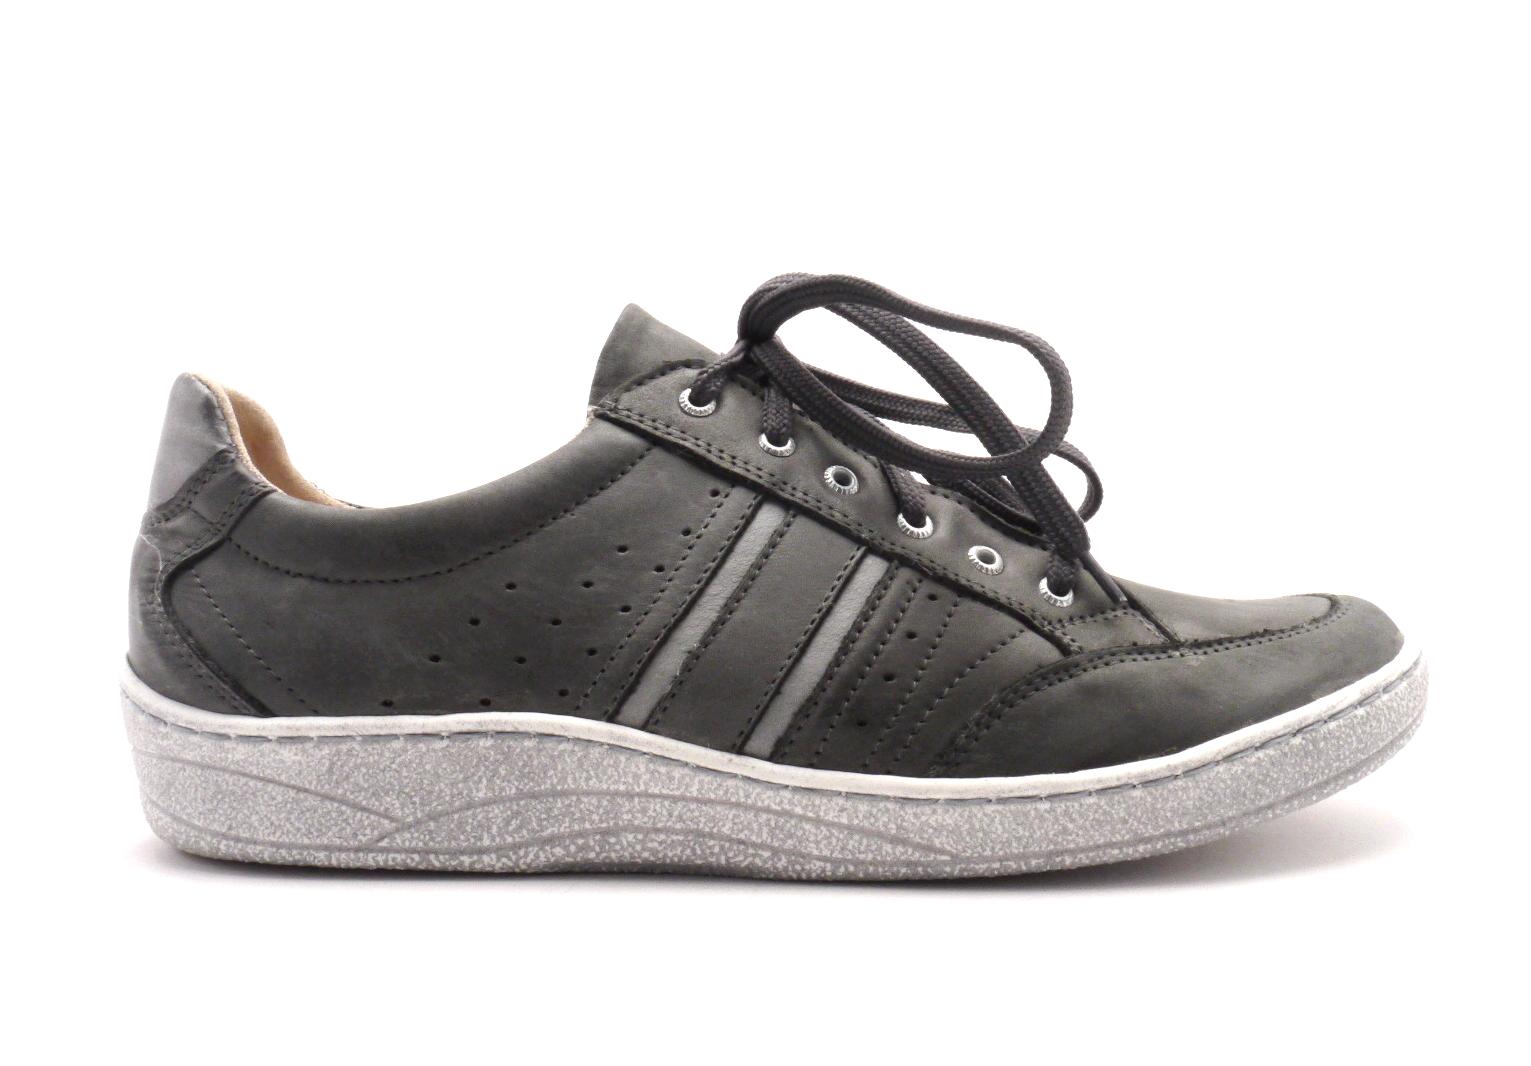 Mintaka Pohodlná obuv 512420/9 Velikost: 37